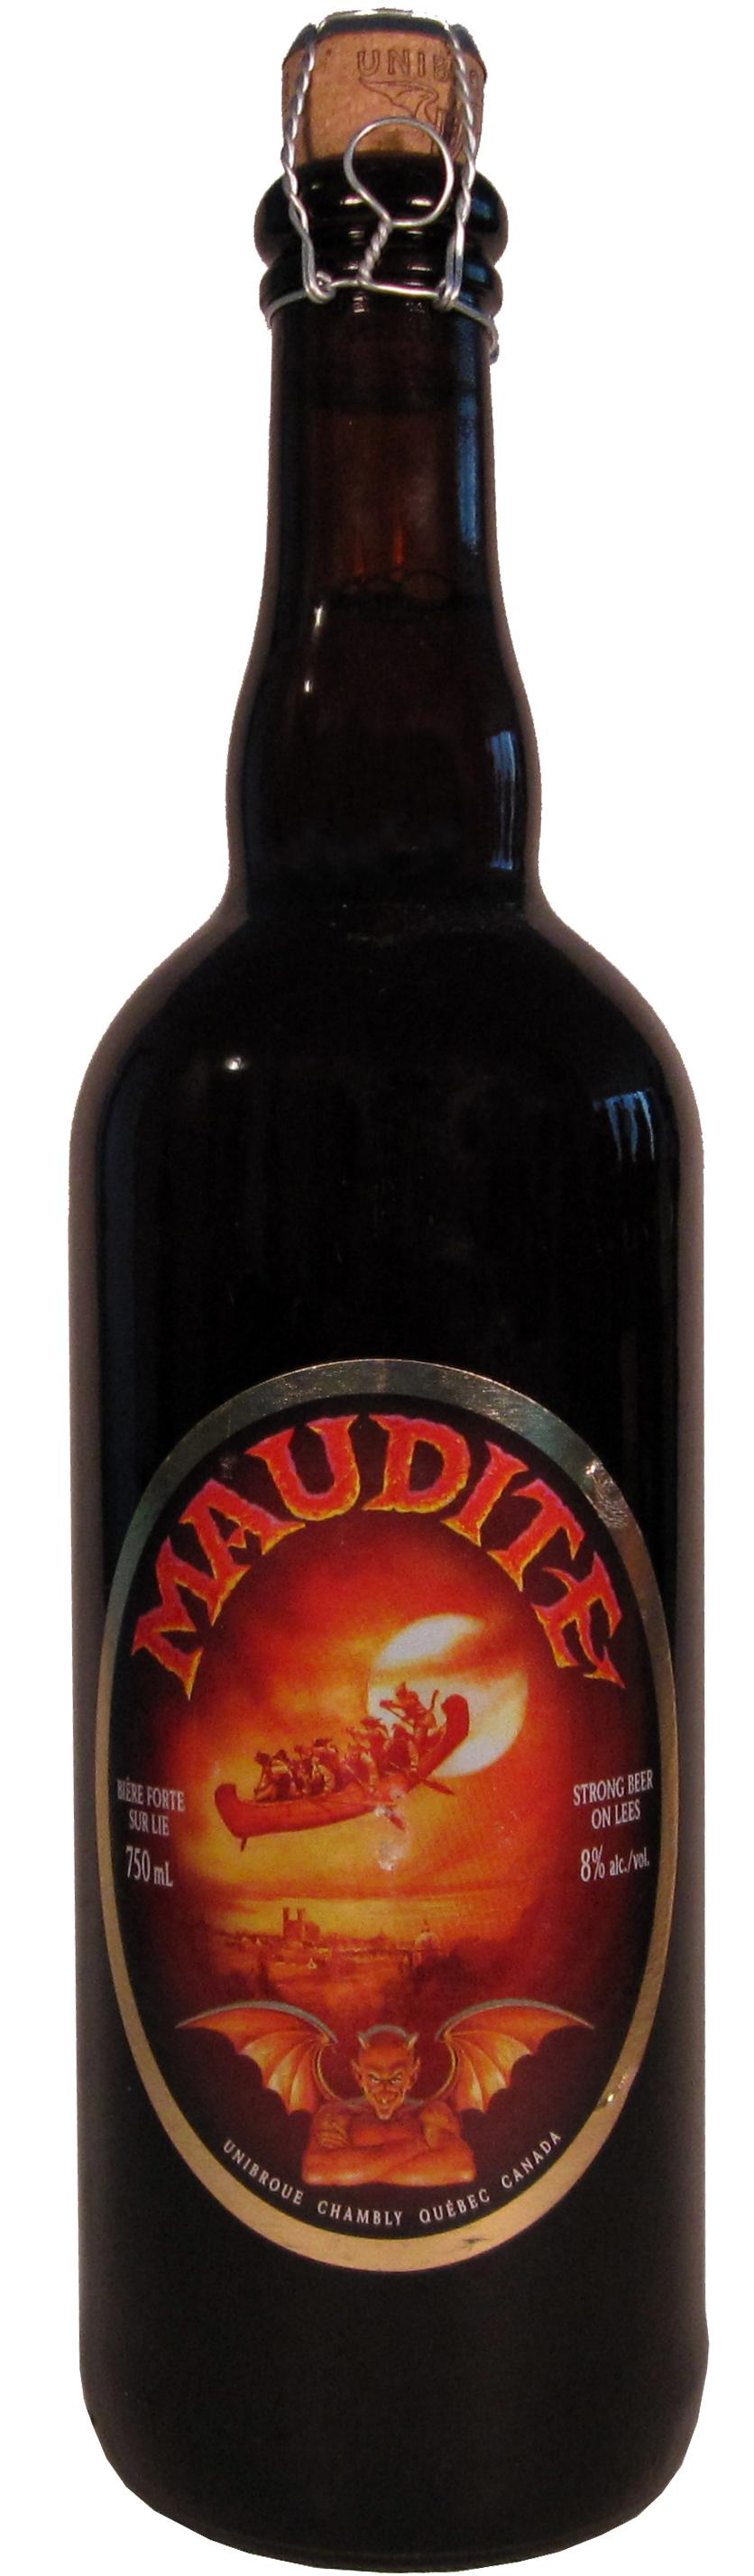 Review of Unibroue Maudite | Beer Apprentice - Craft Beer ...